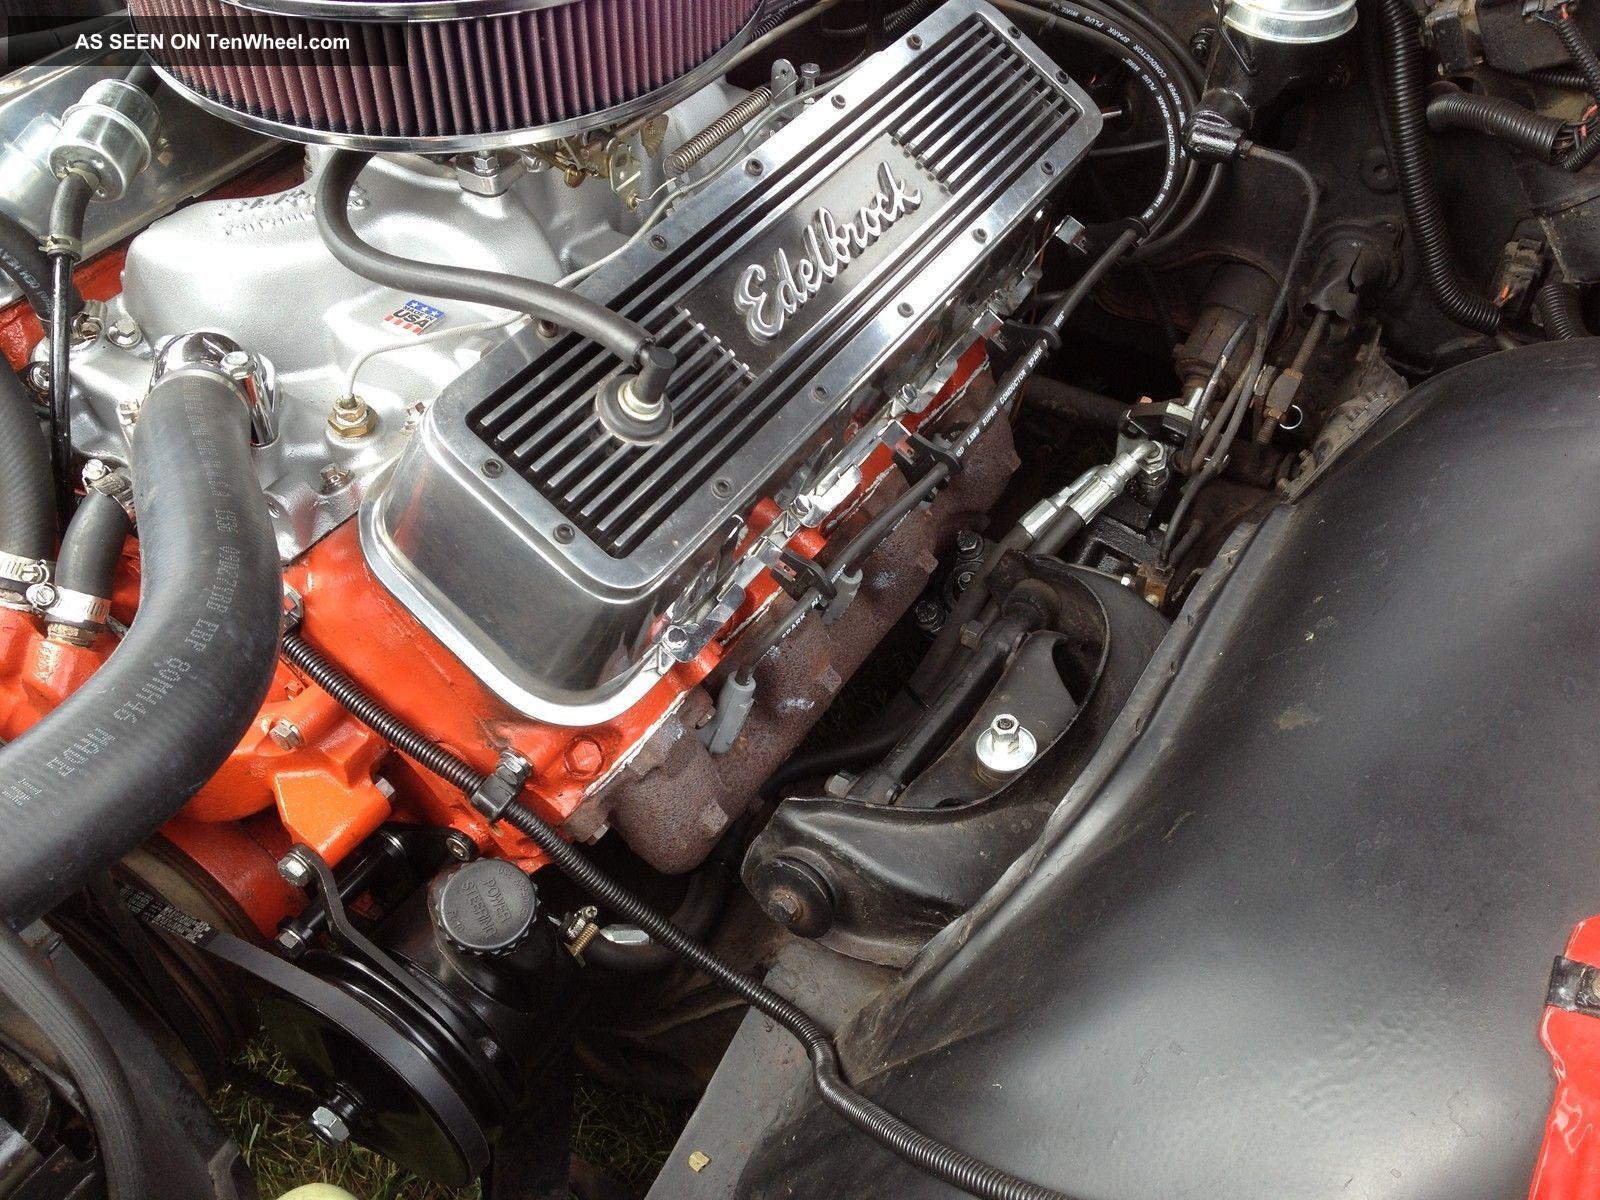 1966 Impala SS 4 Speed